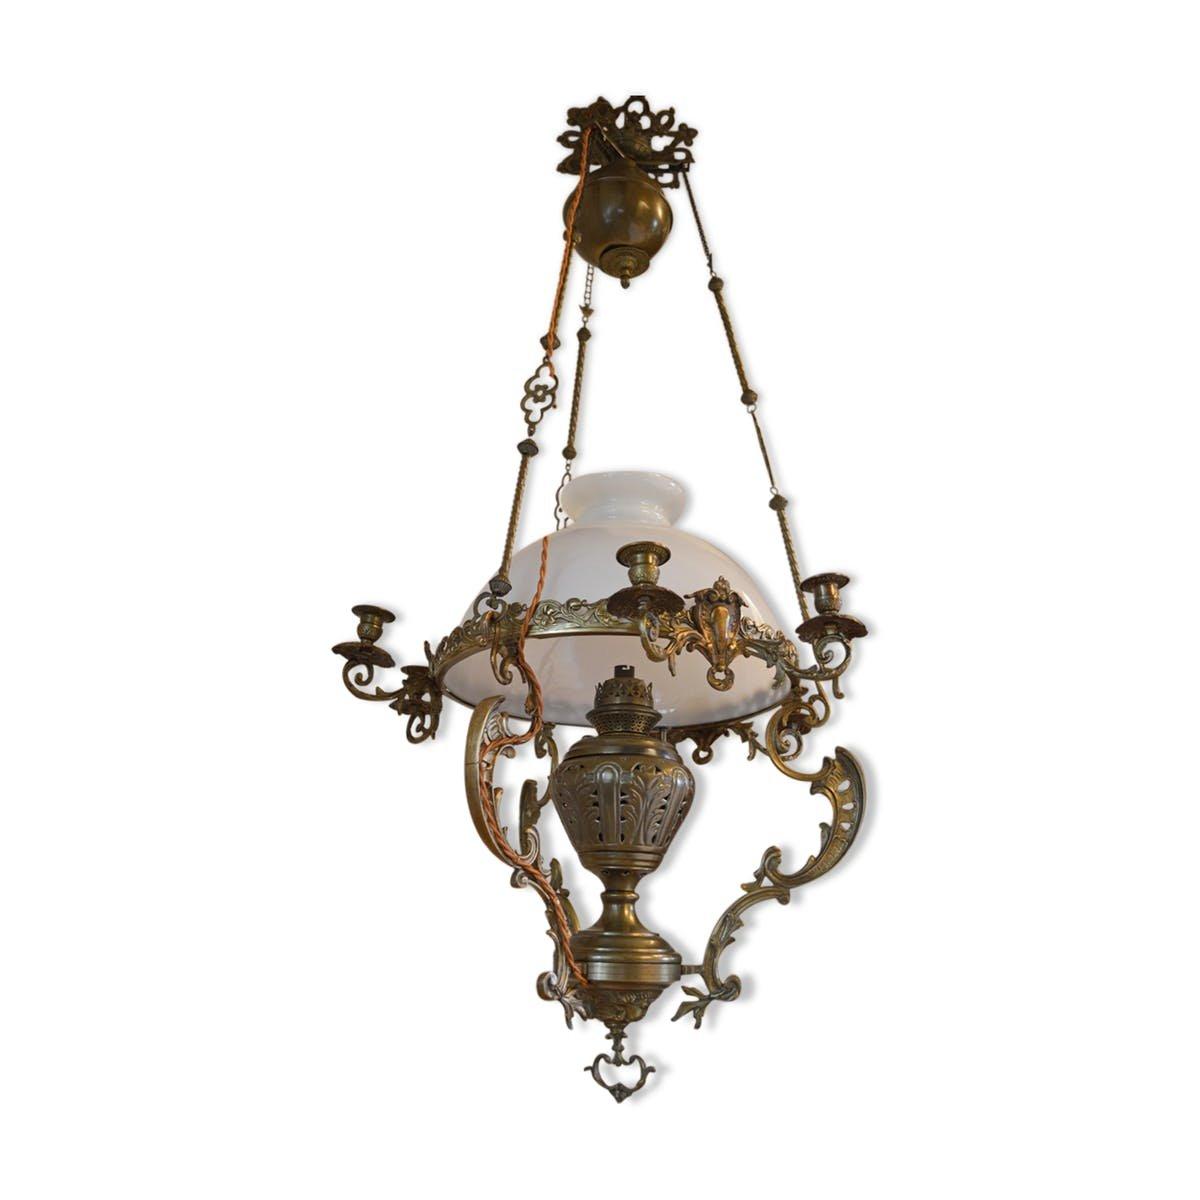 Grand chandelier en bronze et laiton 19 me si cle en vente sur pamono - Grand chandelier sur pied ...